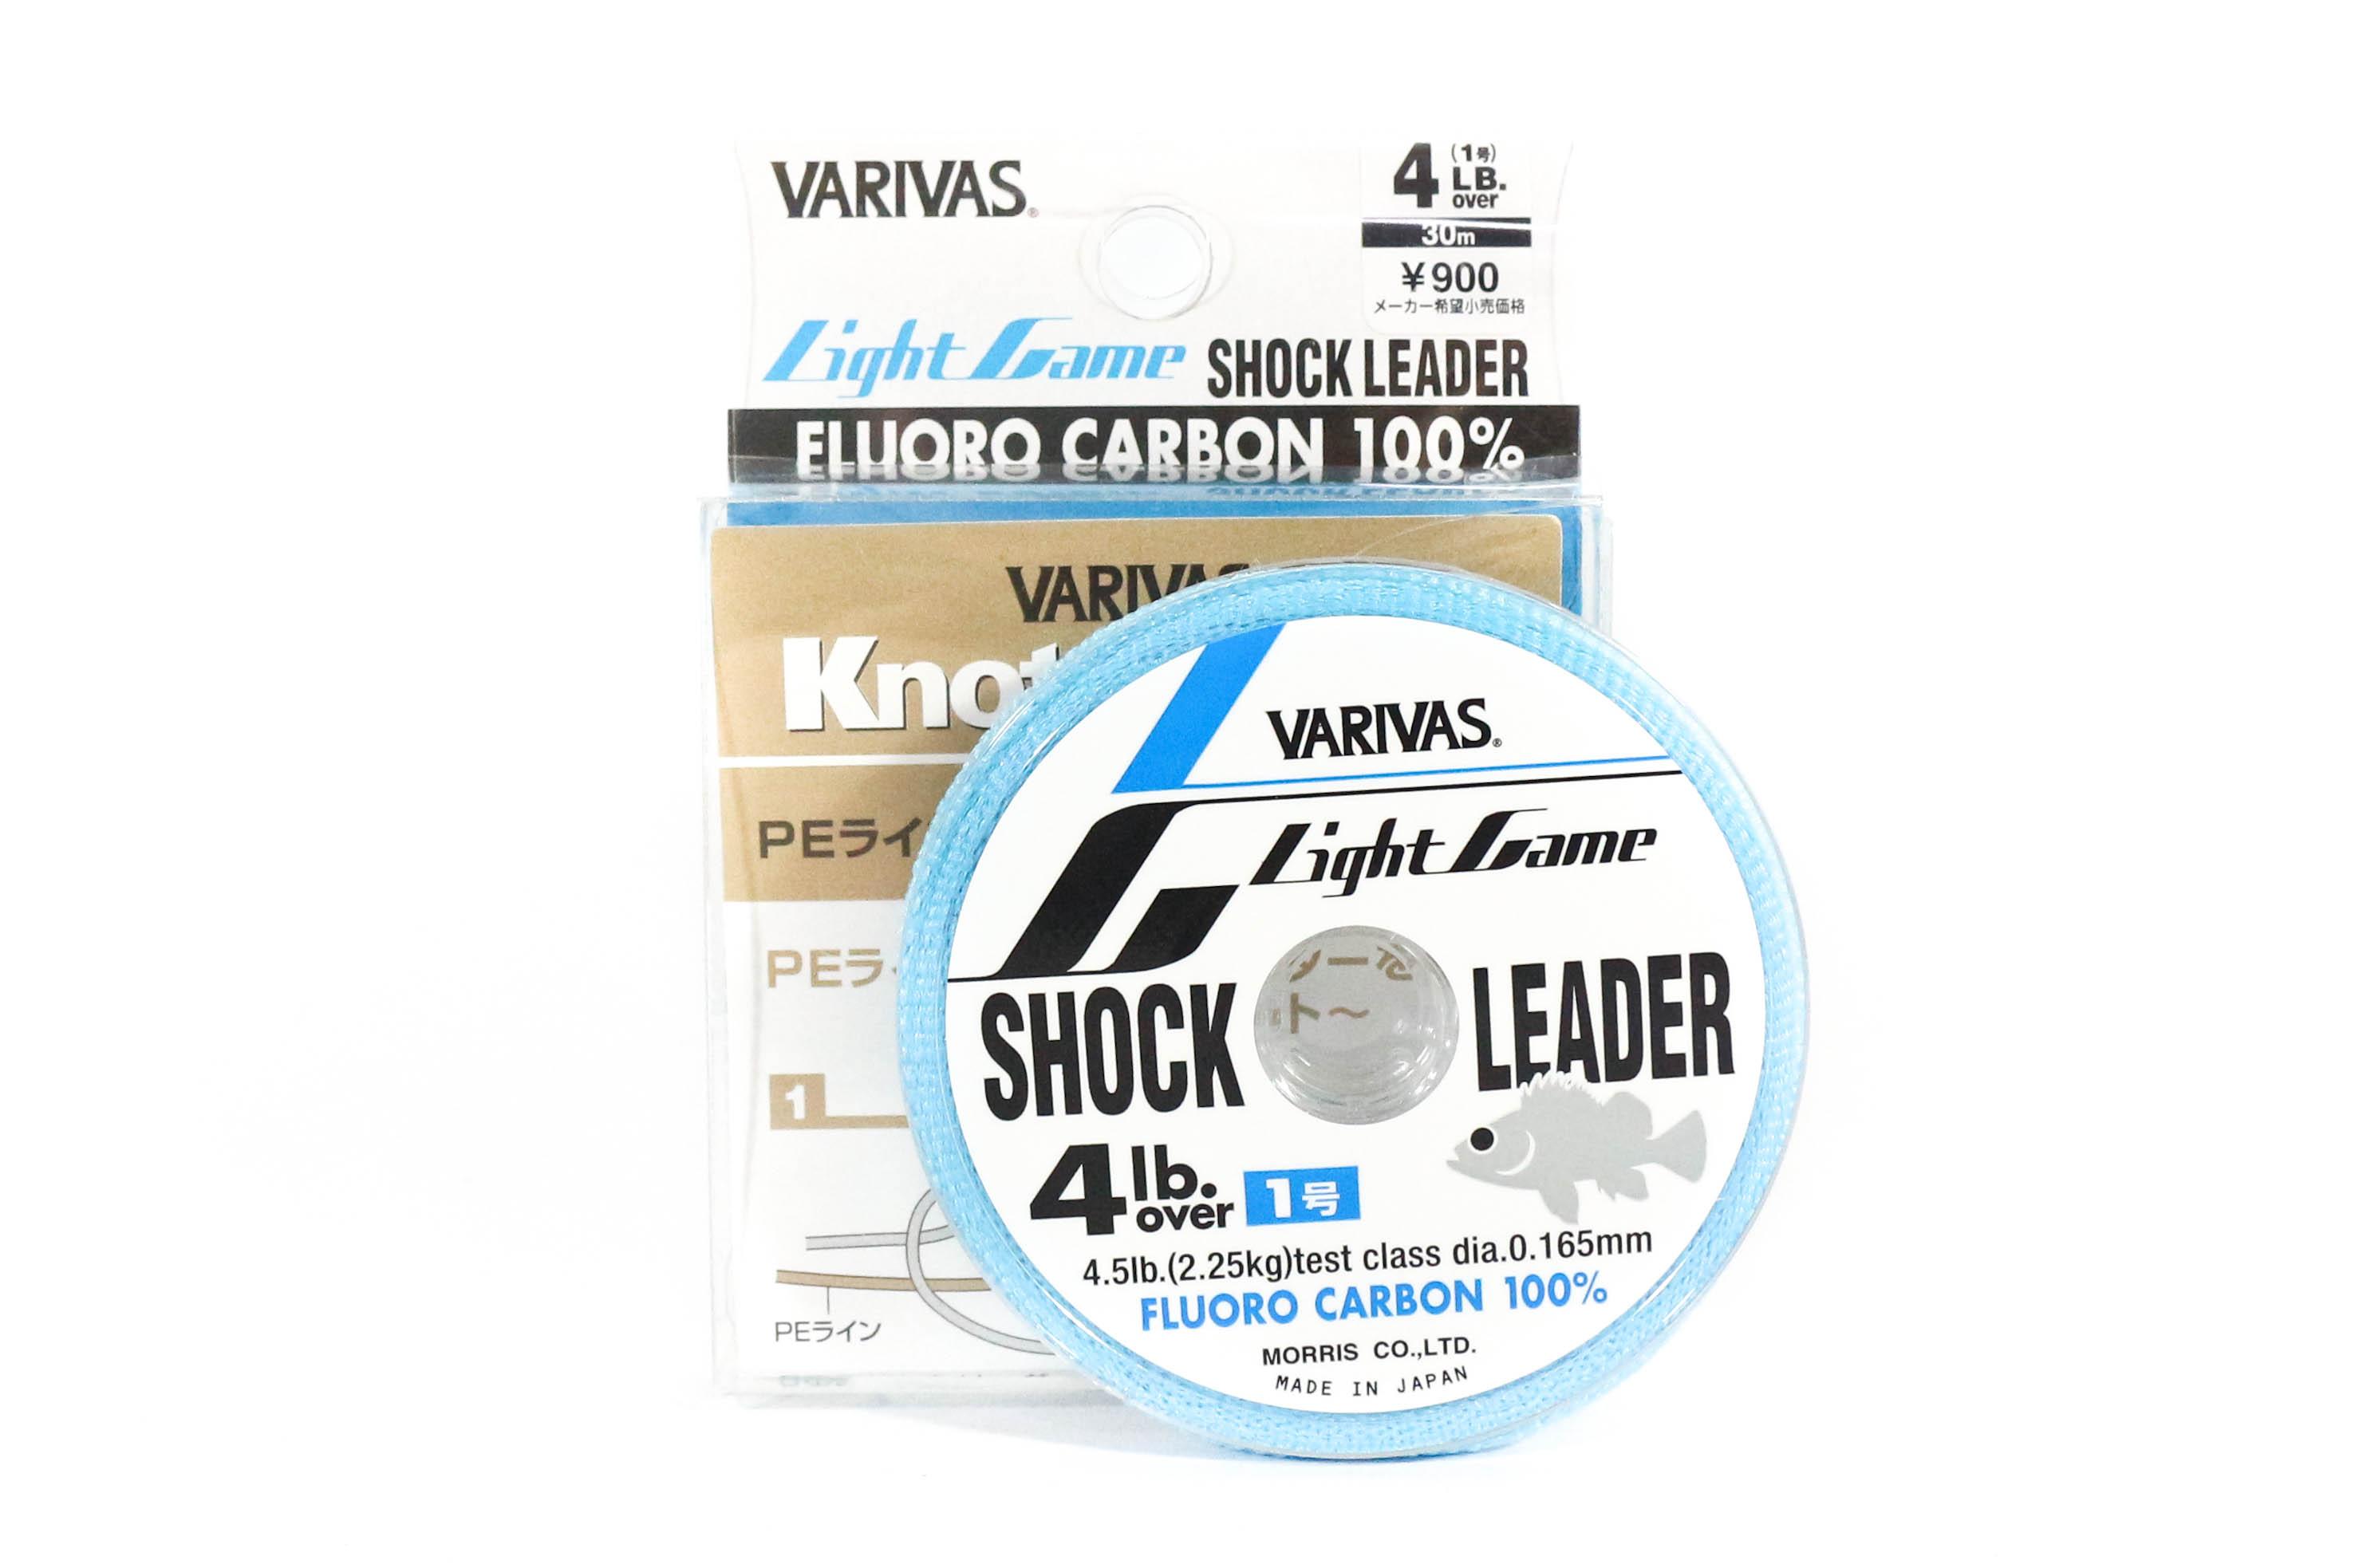 Varivas Fluorocarbon Shock Leader Line Light Game 30m 4lb (9895)